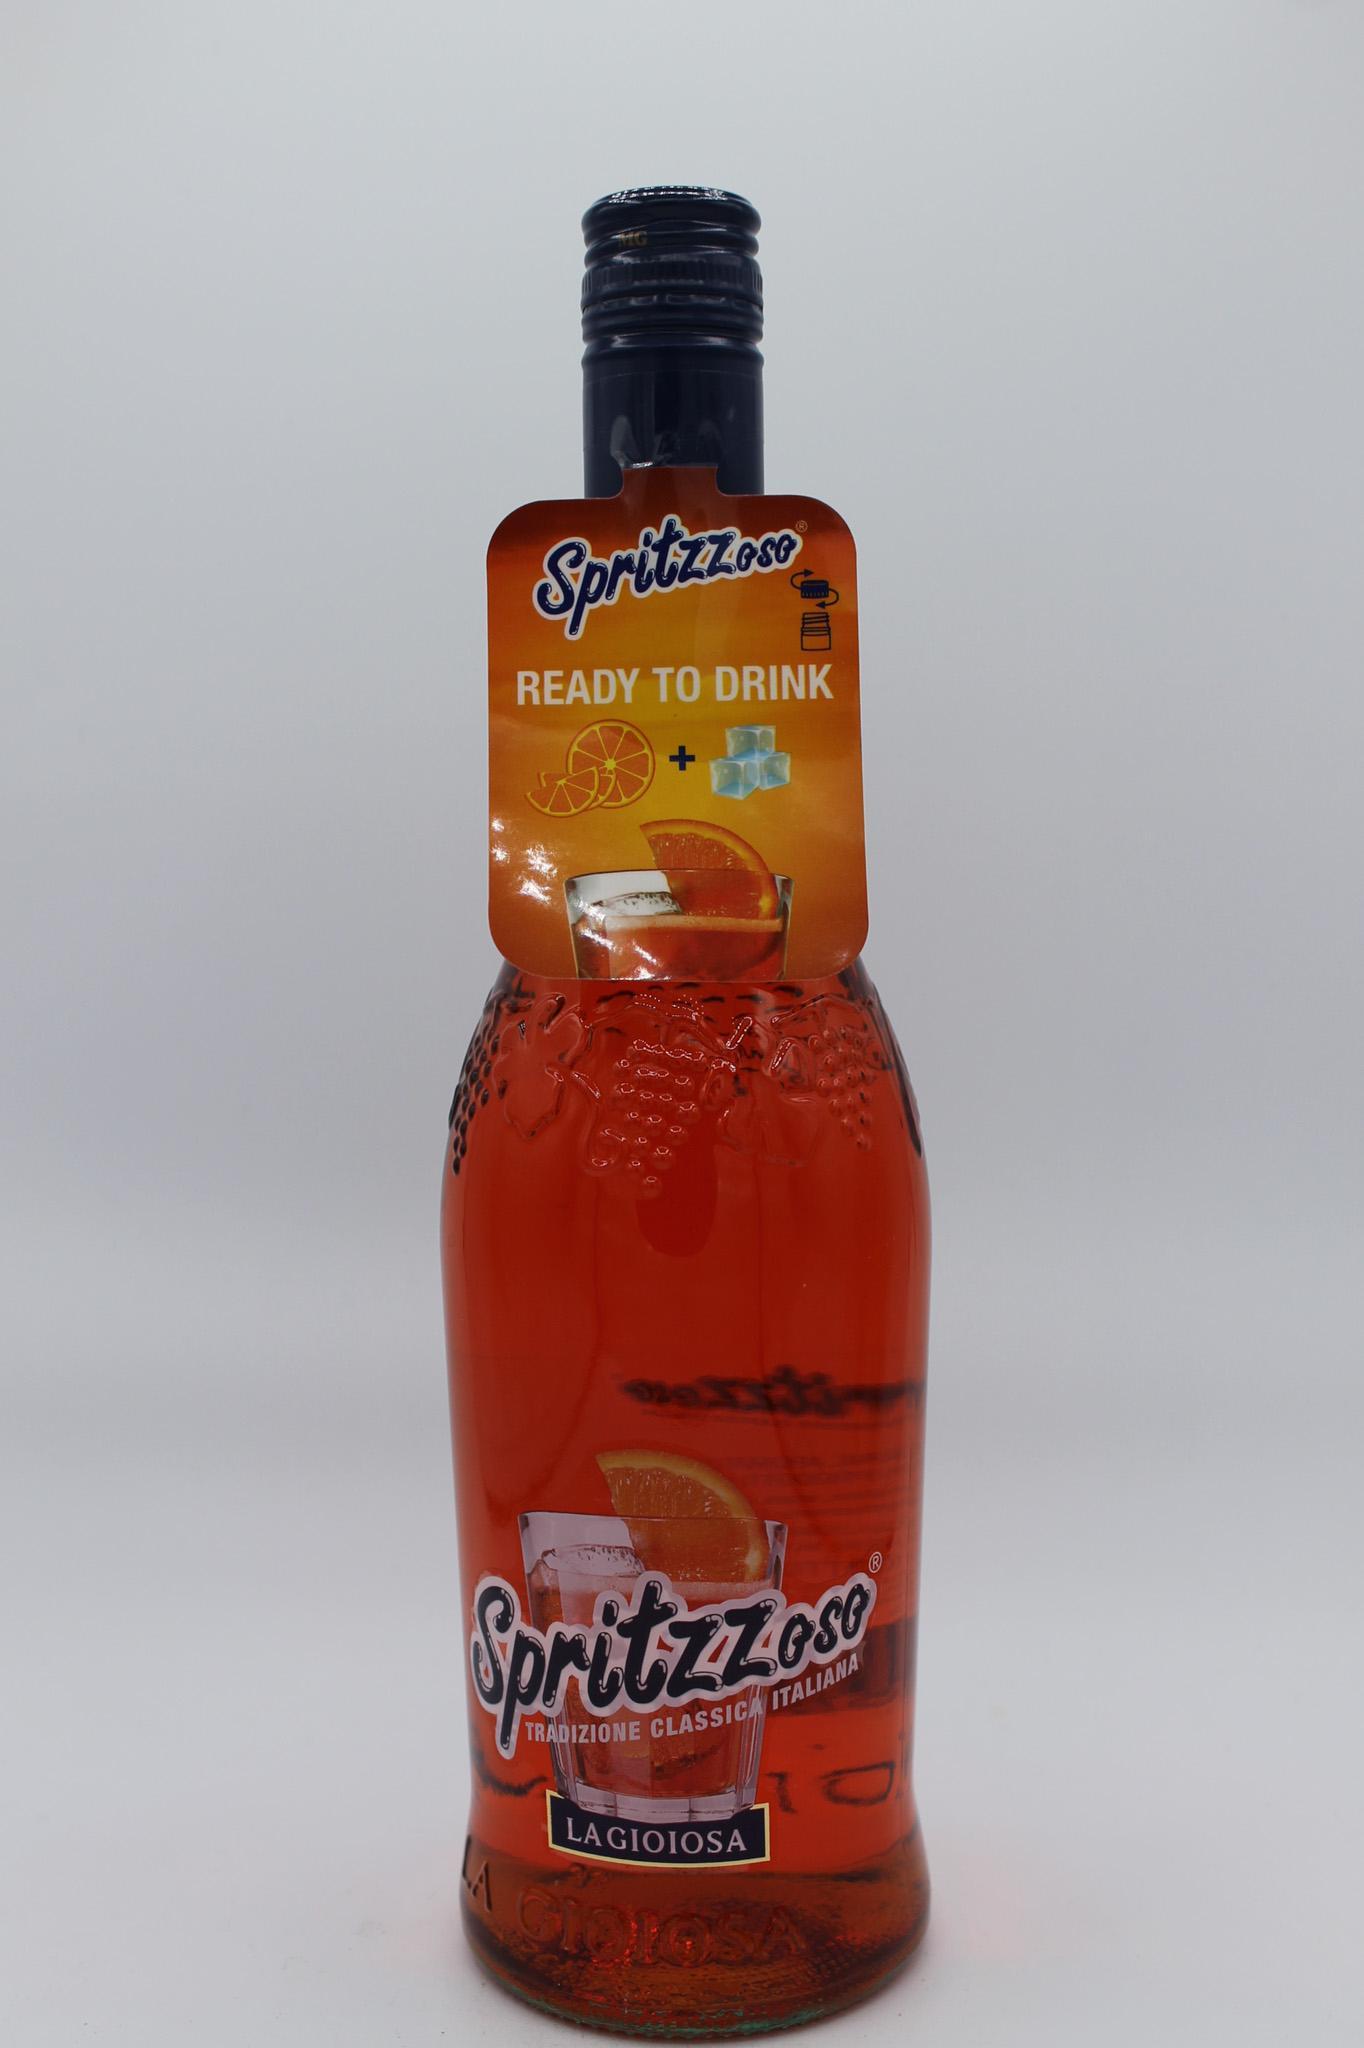 La Gioiosa aperitivo spritzzoso bottiglia 750ml.